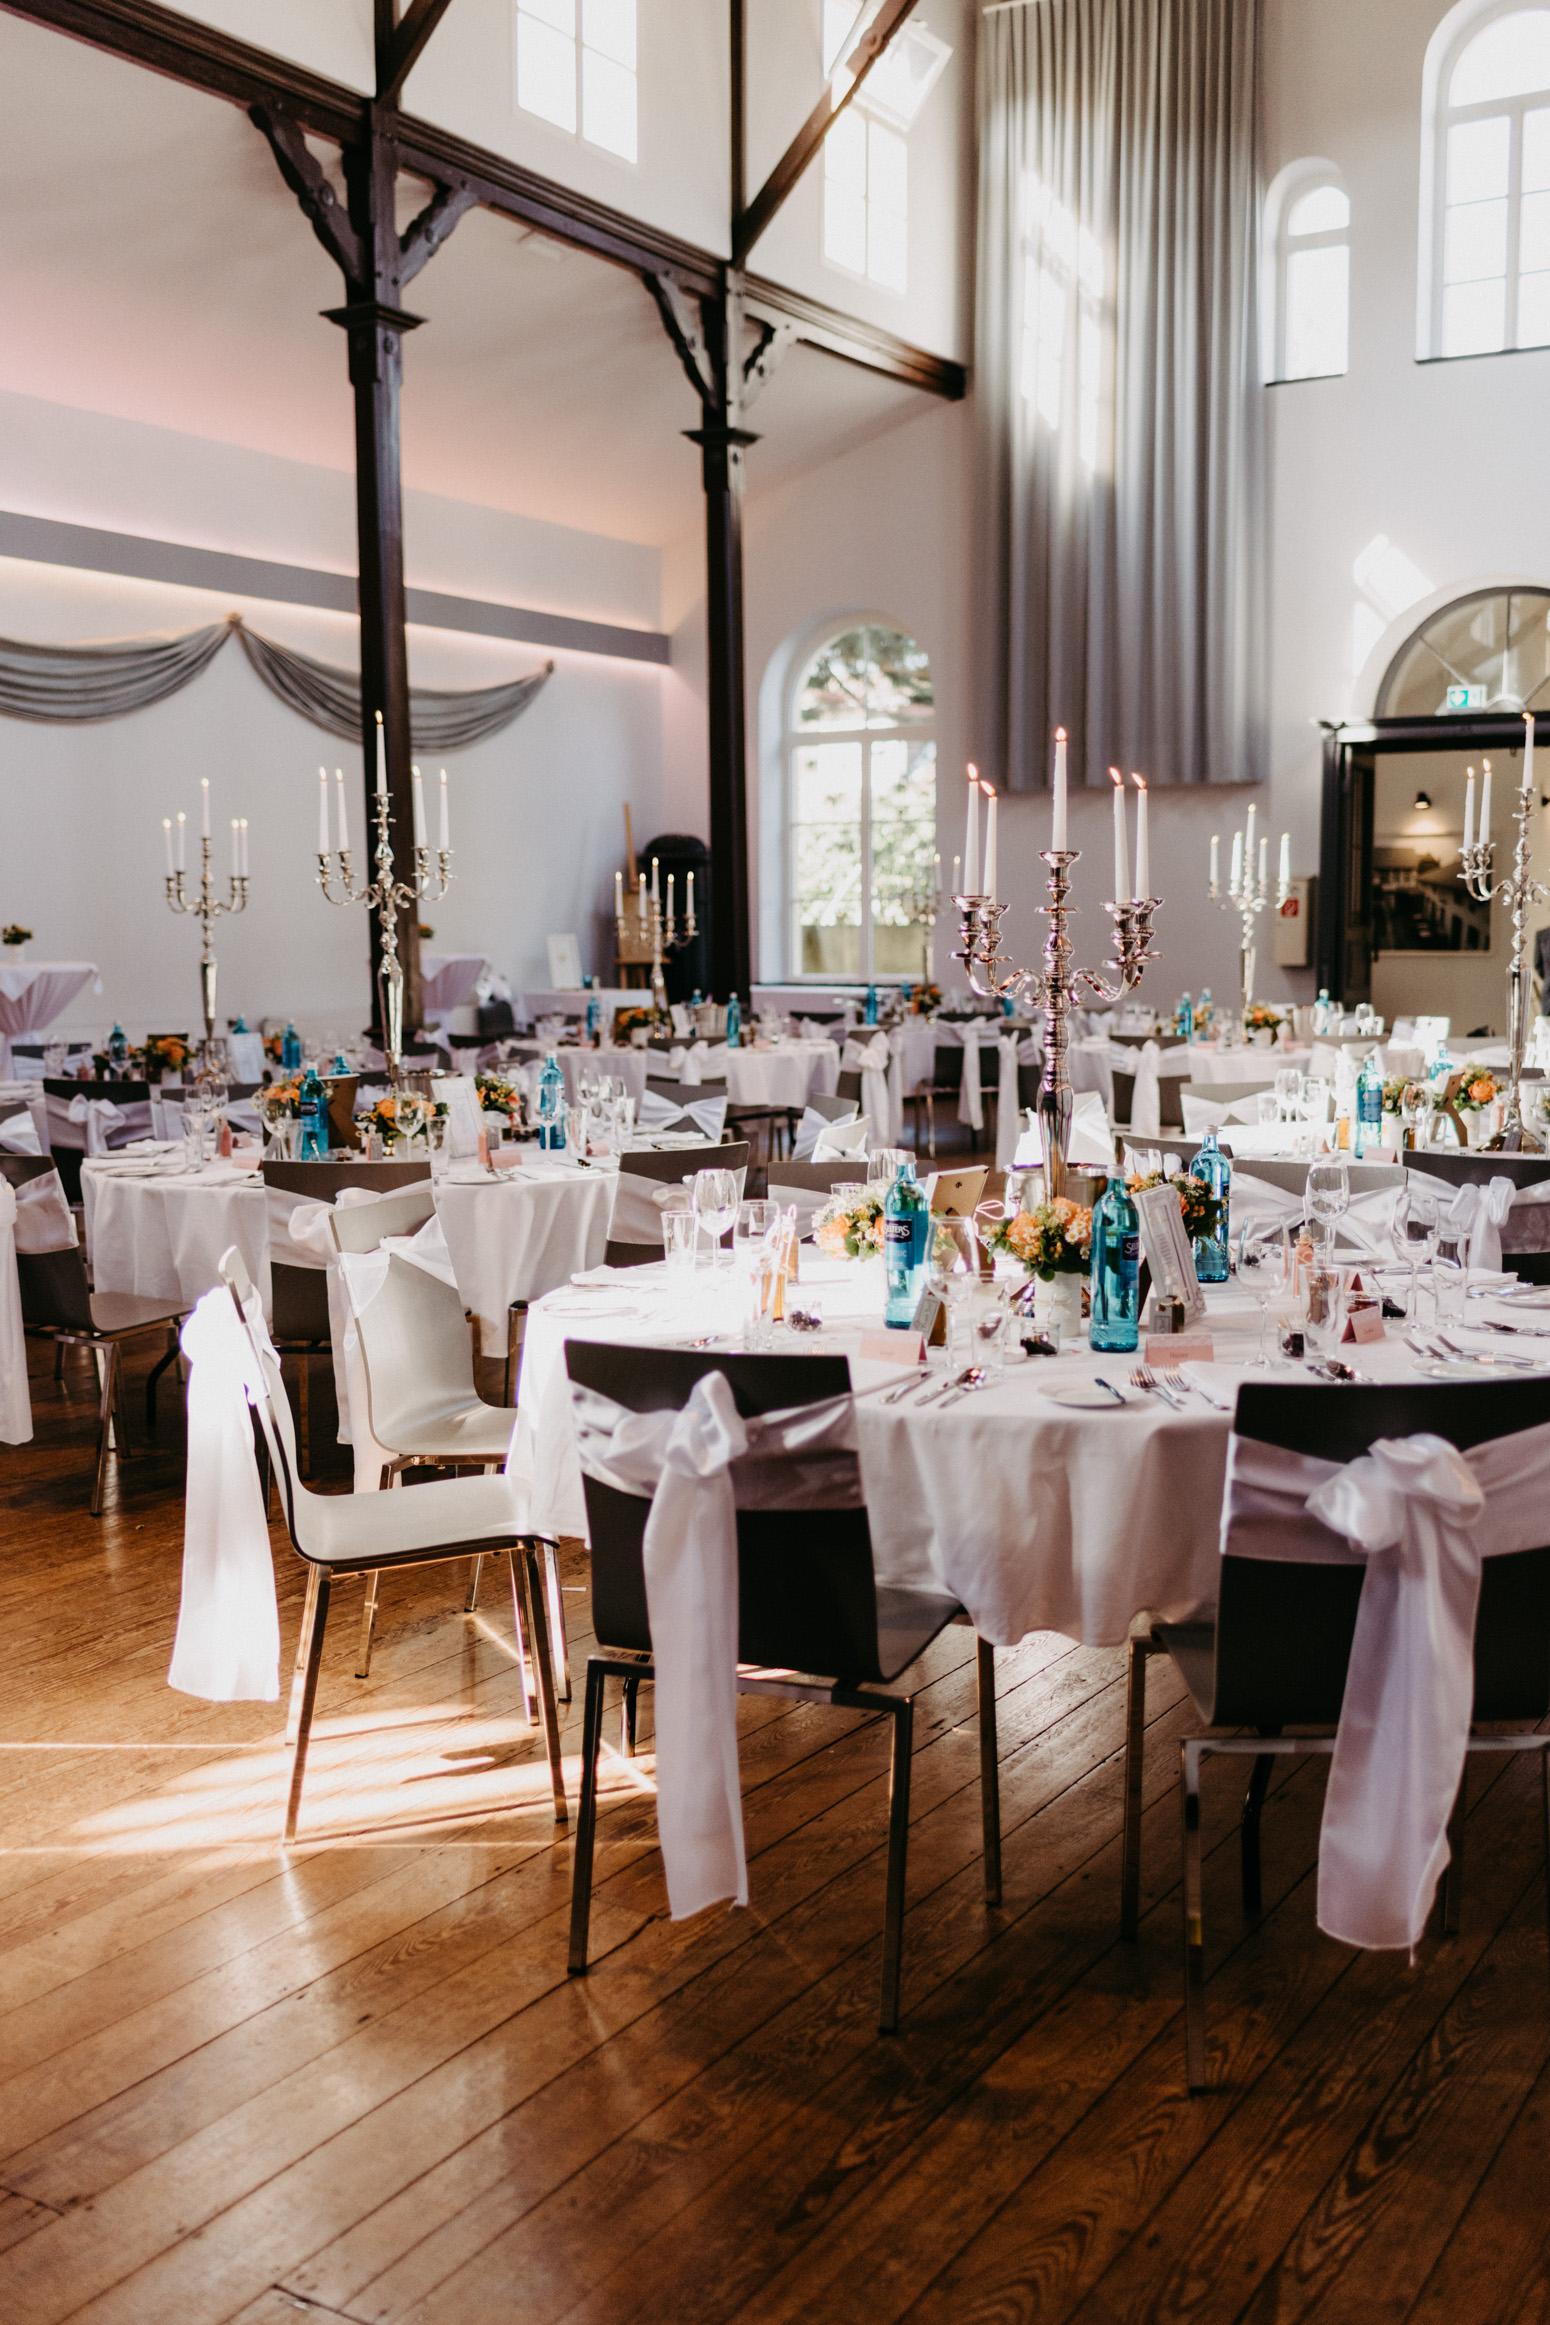 Hochzeit in der kleinen Beethovenhalle in Muffendorf, Bad Godesberg. Hochzeitsreportage von Daria Becker von Genuine Bonds aus Bonn